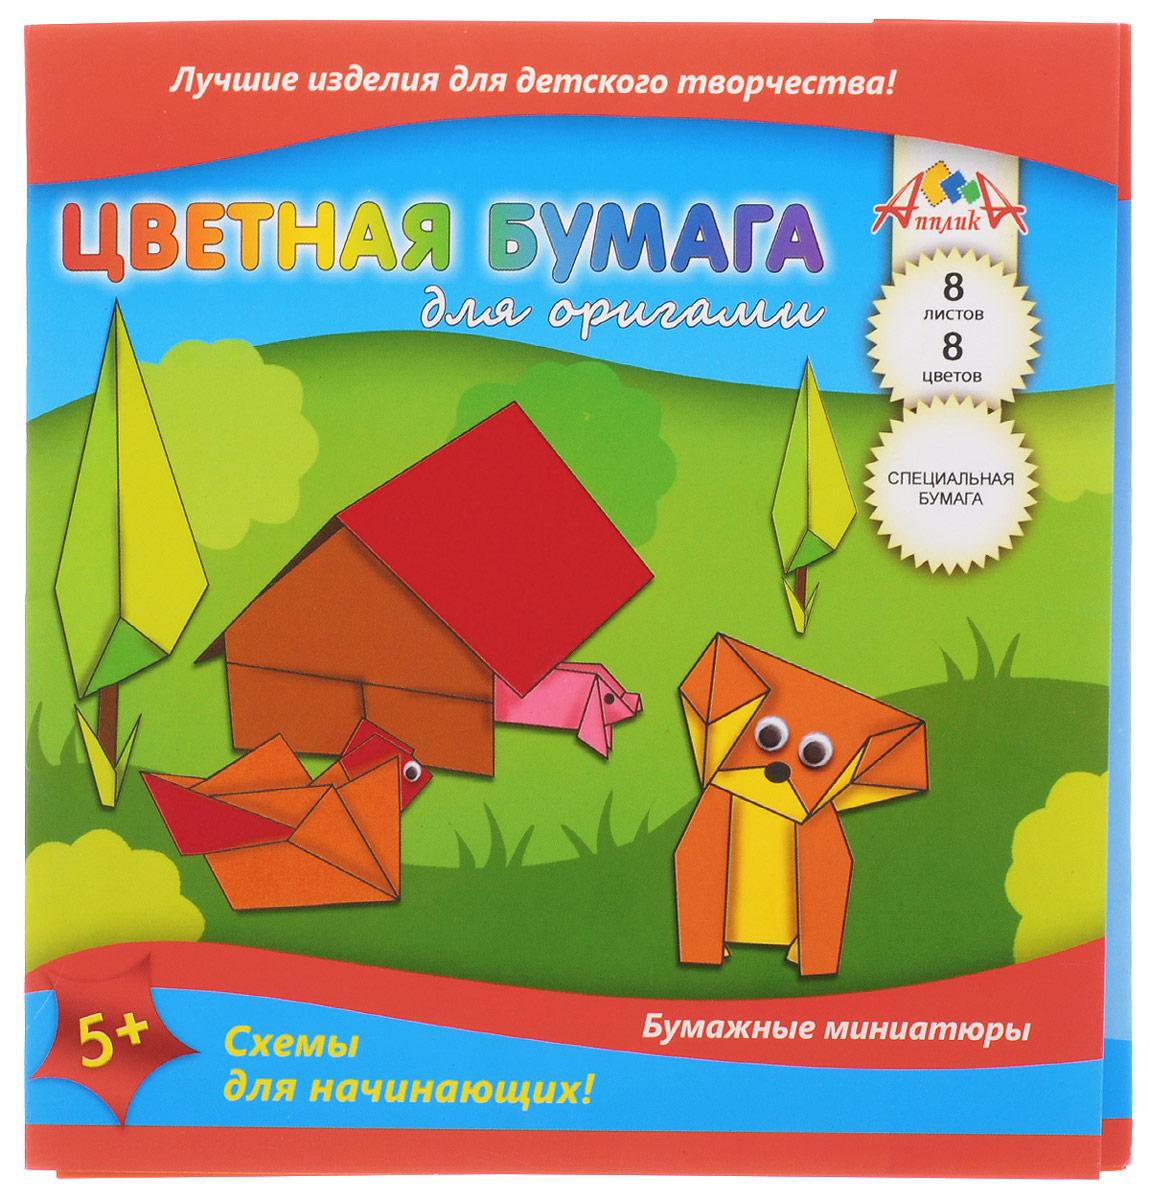 Апплика Цветная бумага для оригами Домик в лесу 8 листовС0263-01Набор цветной бумаги Апплика Домик в лесу позволит вашему ребенку создавать своими руками оригинальное оригами. Набор состоит из 8 листов двусторонней бумаги разных цветов. Внутри папки приводятся схематичные инструкции по изготовлению оригами, сзади дана расшифровка условных обозначений. Создание поделок из цветной бумаги позволяет ребенку развивать творческие способности, кроме того, это увлекательный досуг.Рекомендуемый возраст: 5+